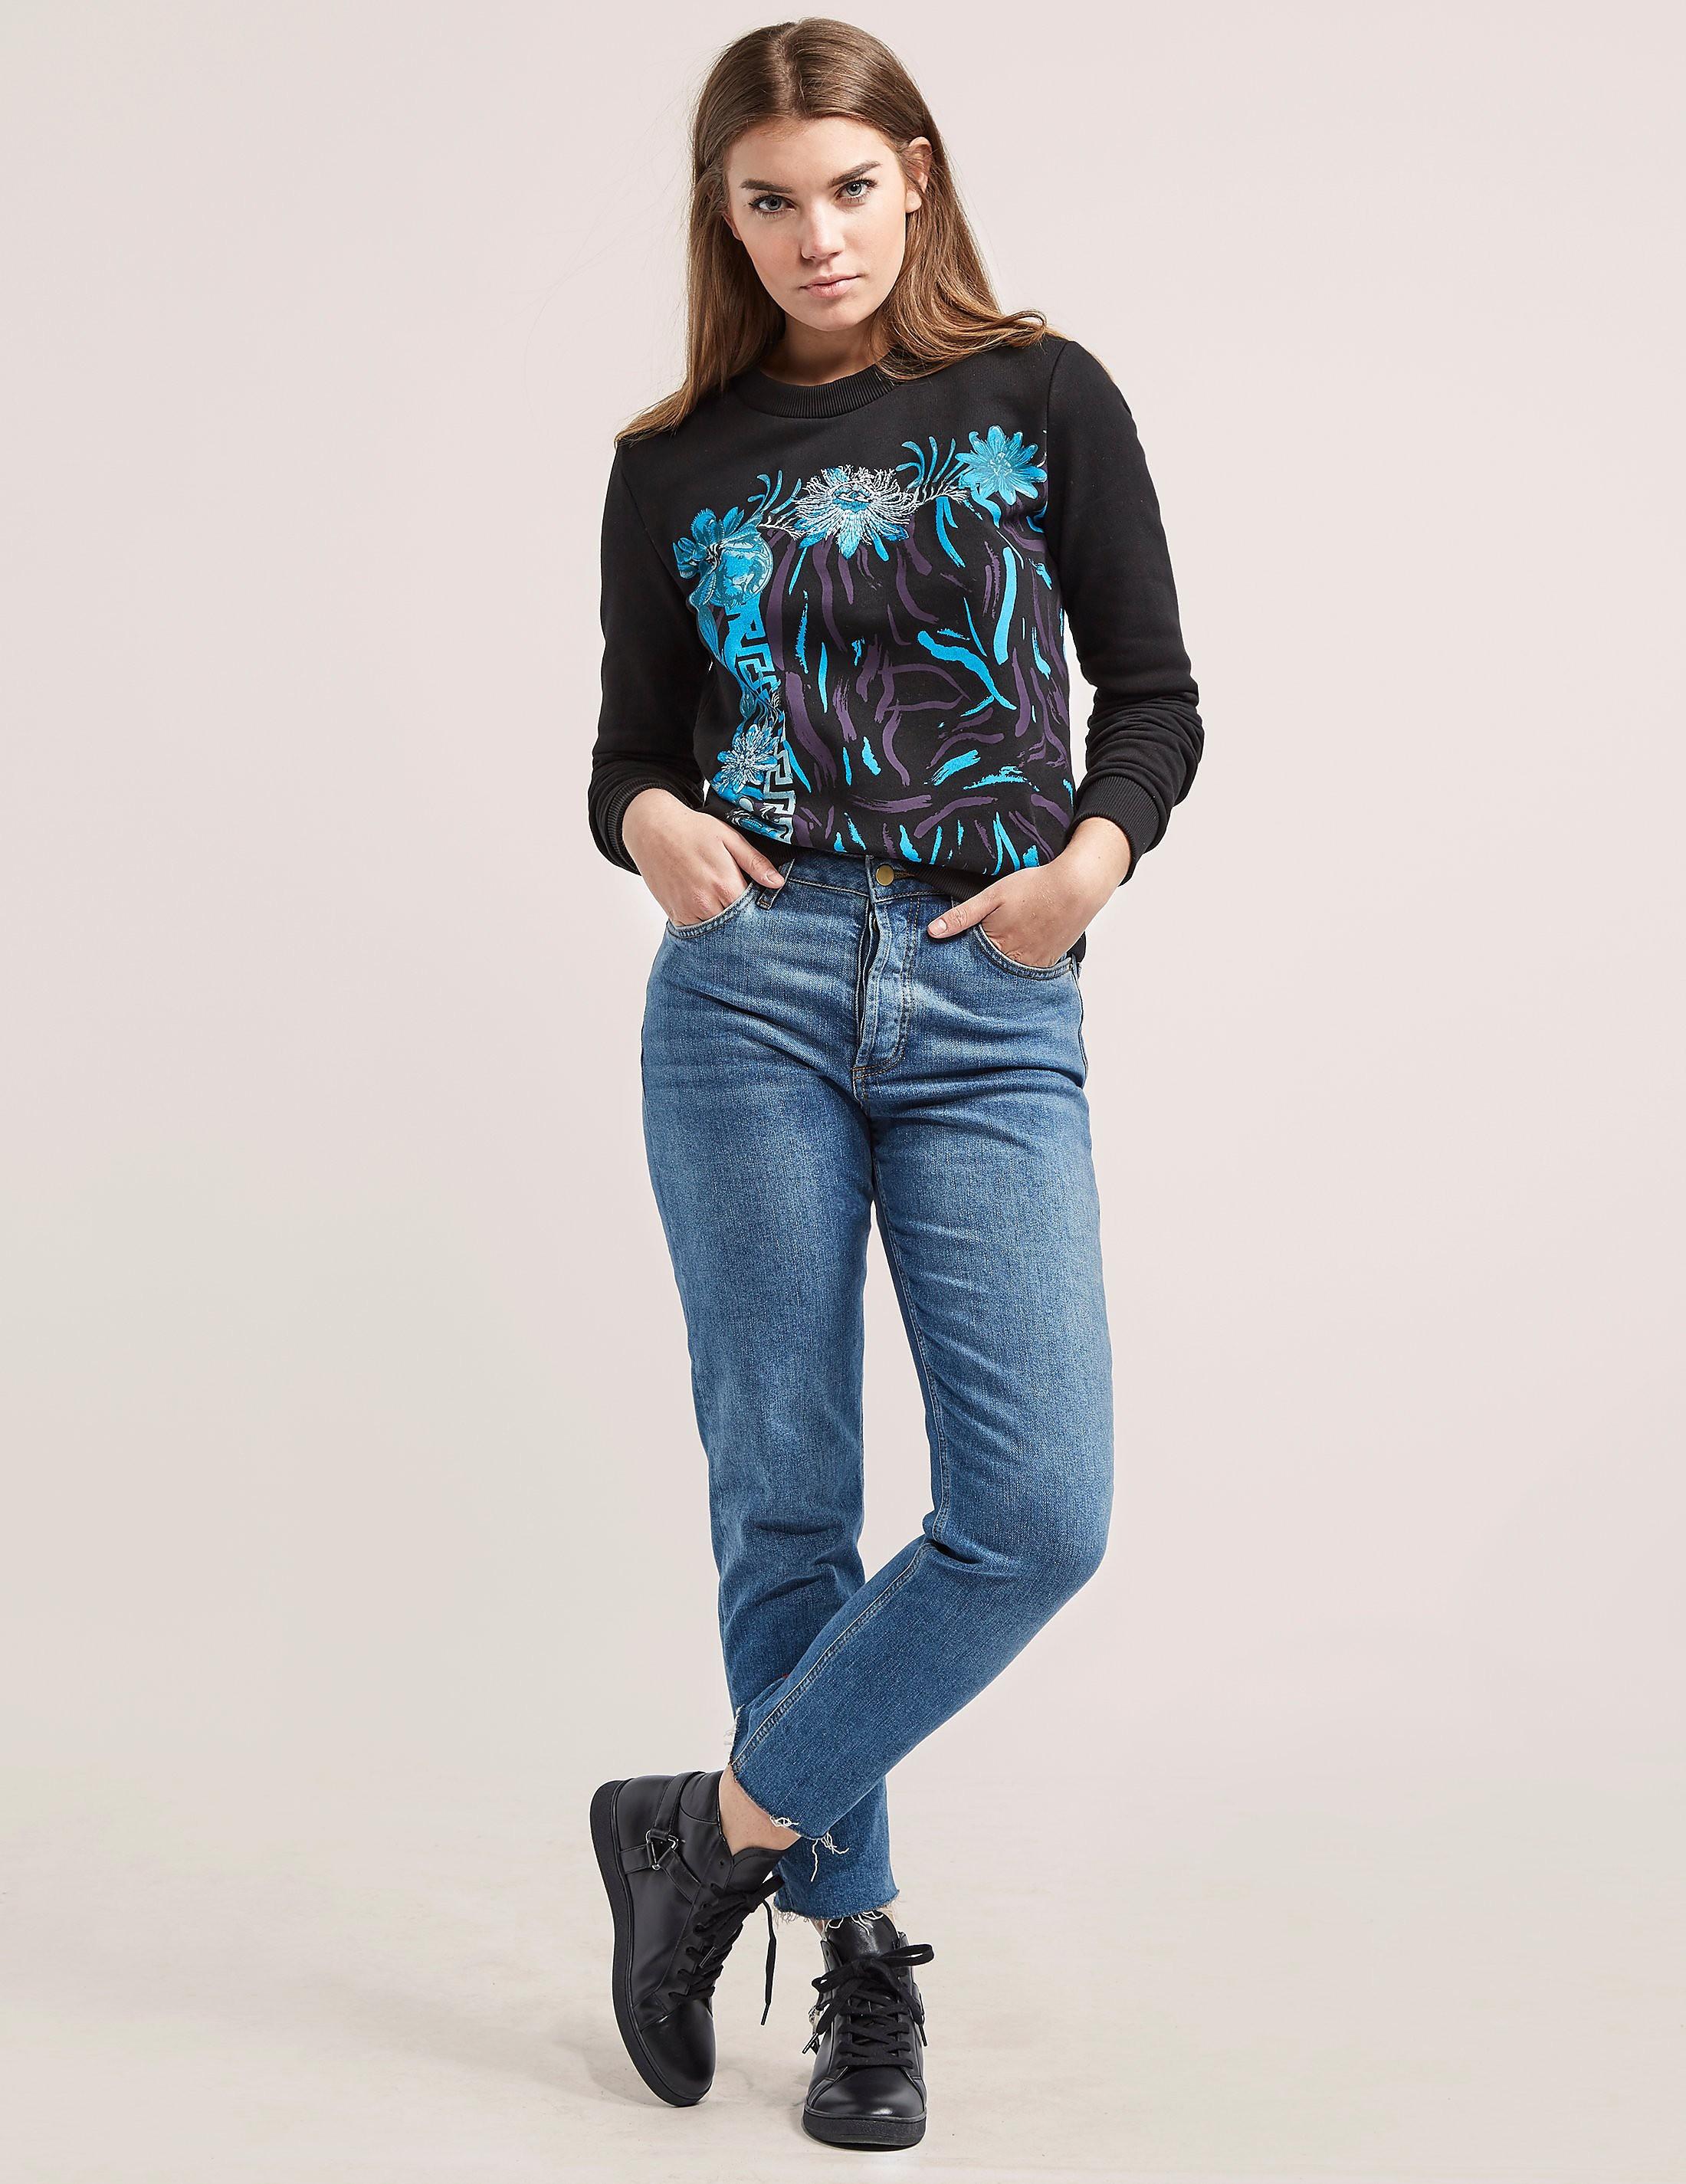 Versus Versace Floral Print Sweatshirt